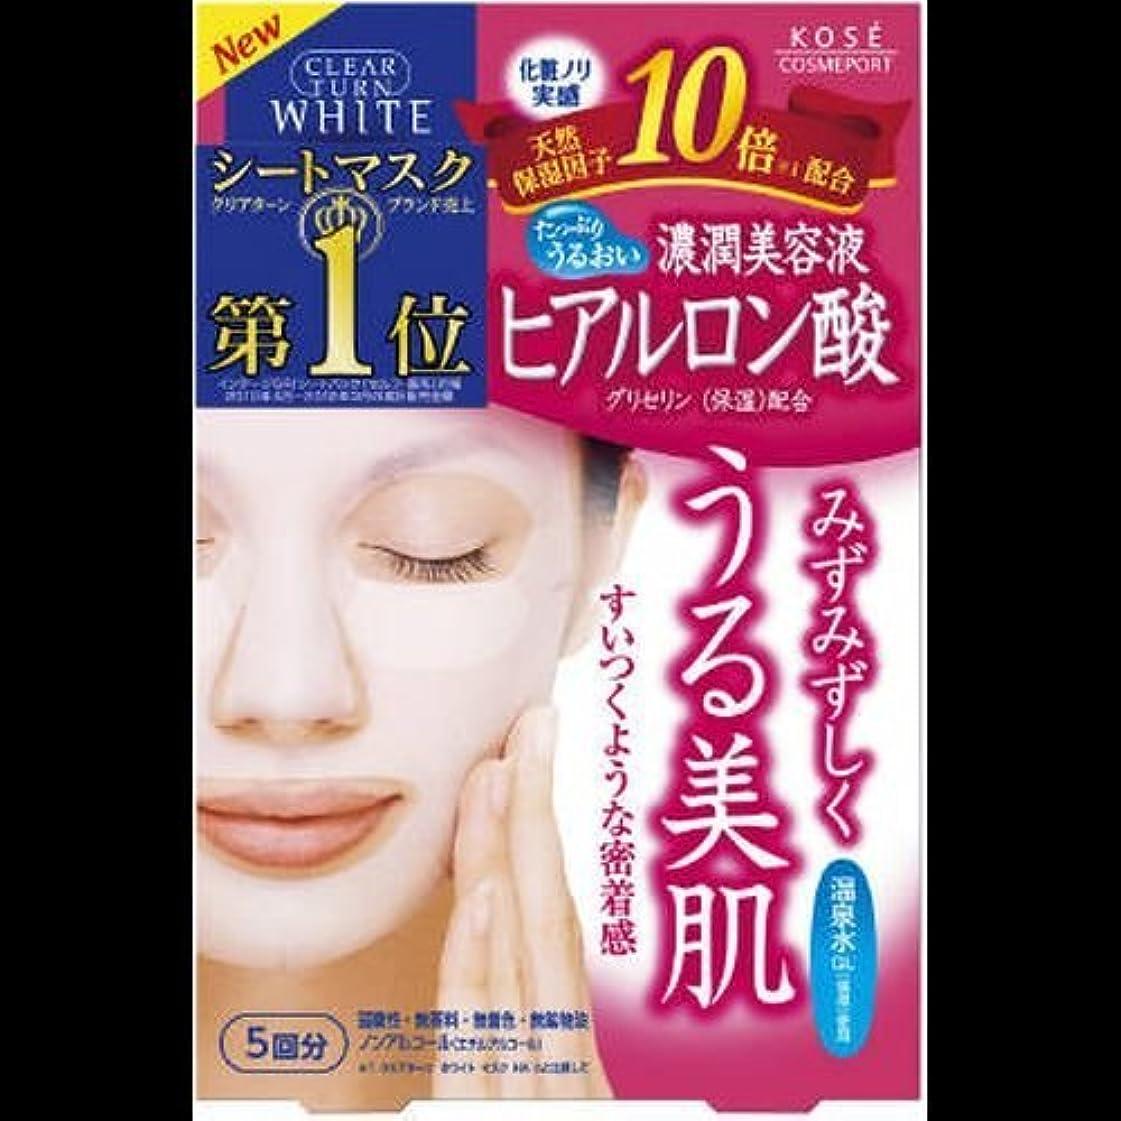 エージェントオーディション空中クリアターン ホワイトマスク ヒアルロン酸 5回分 ×2セット